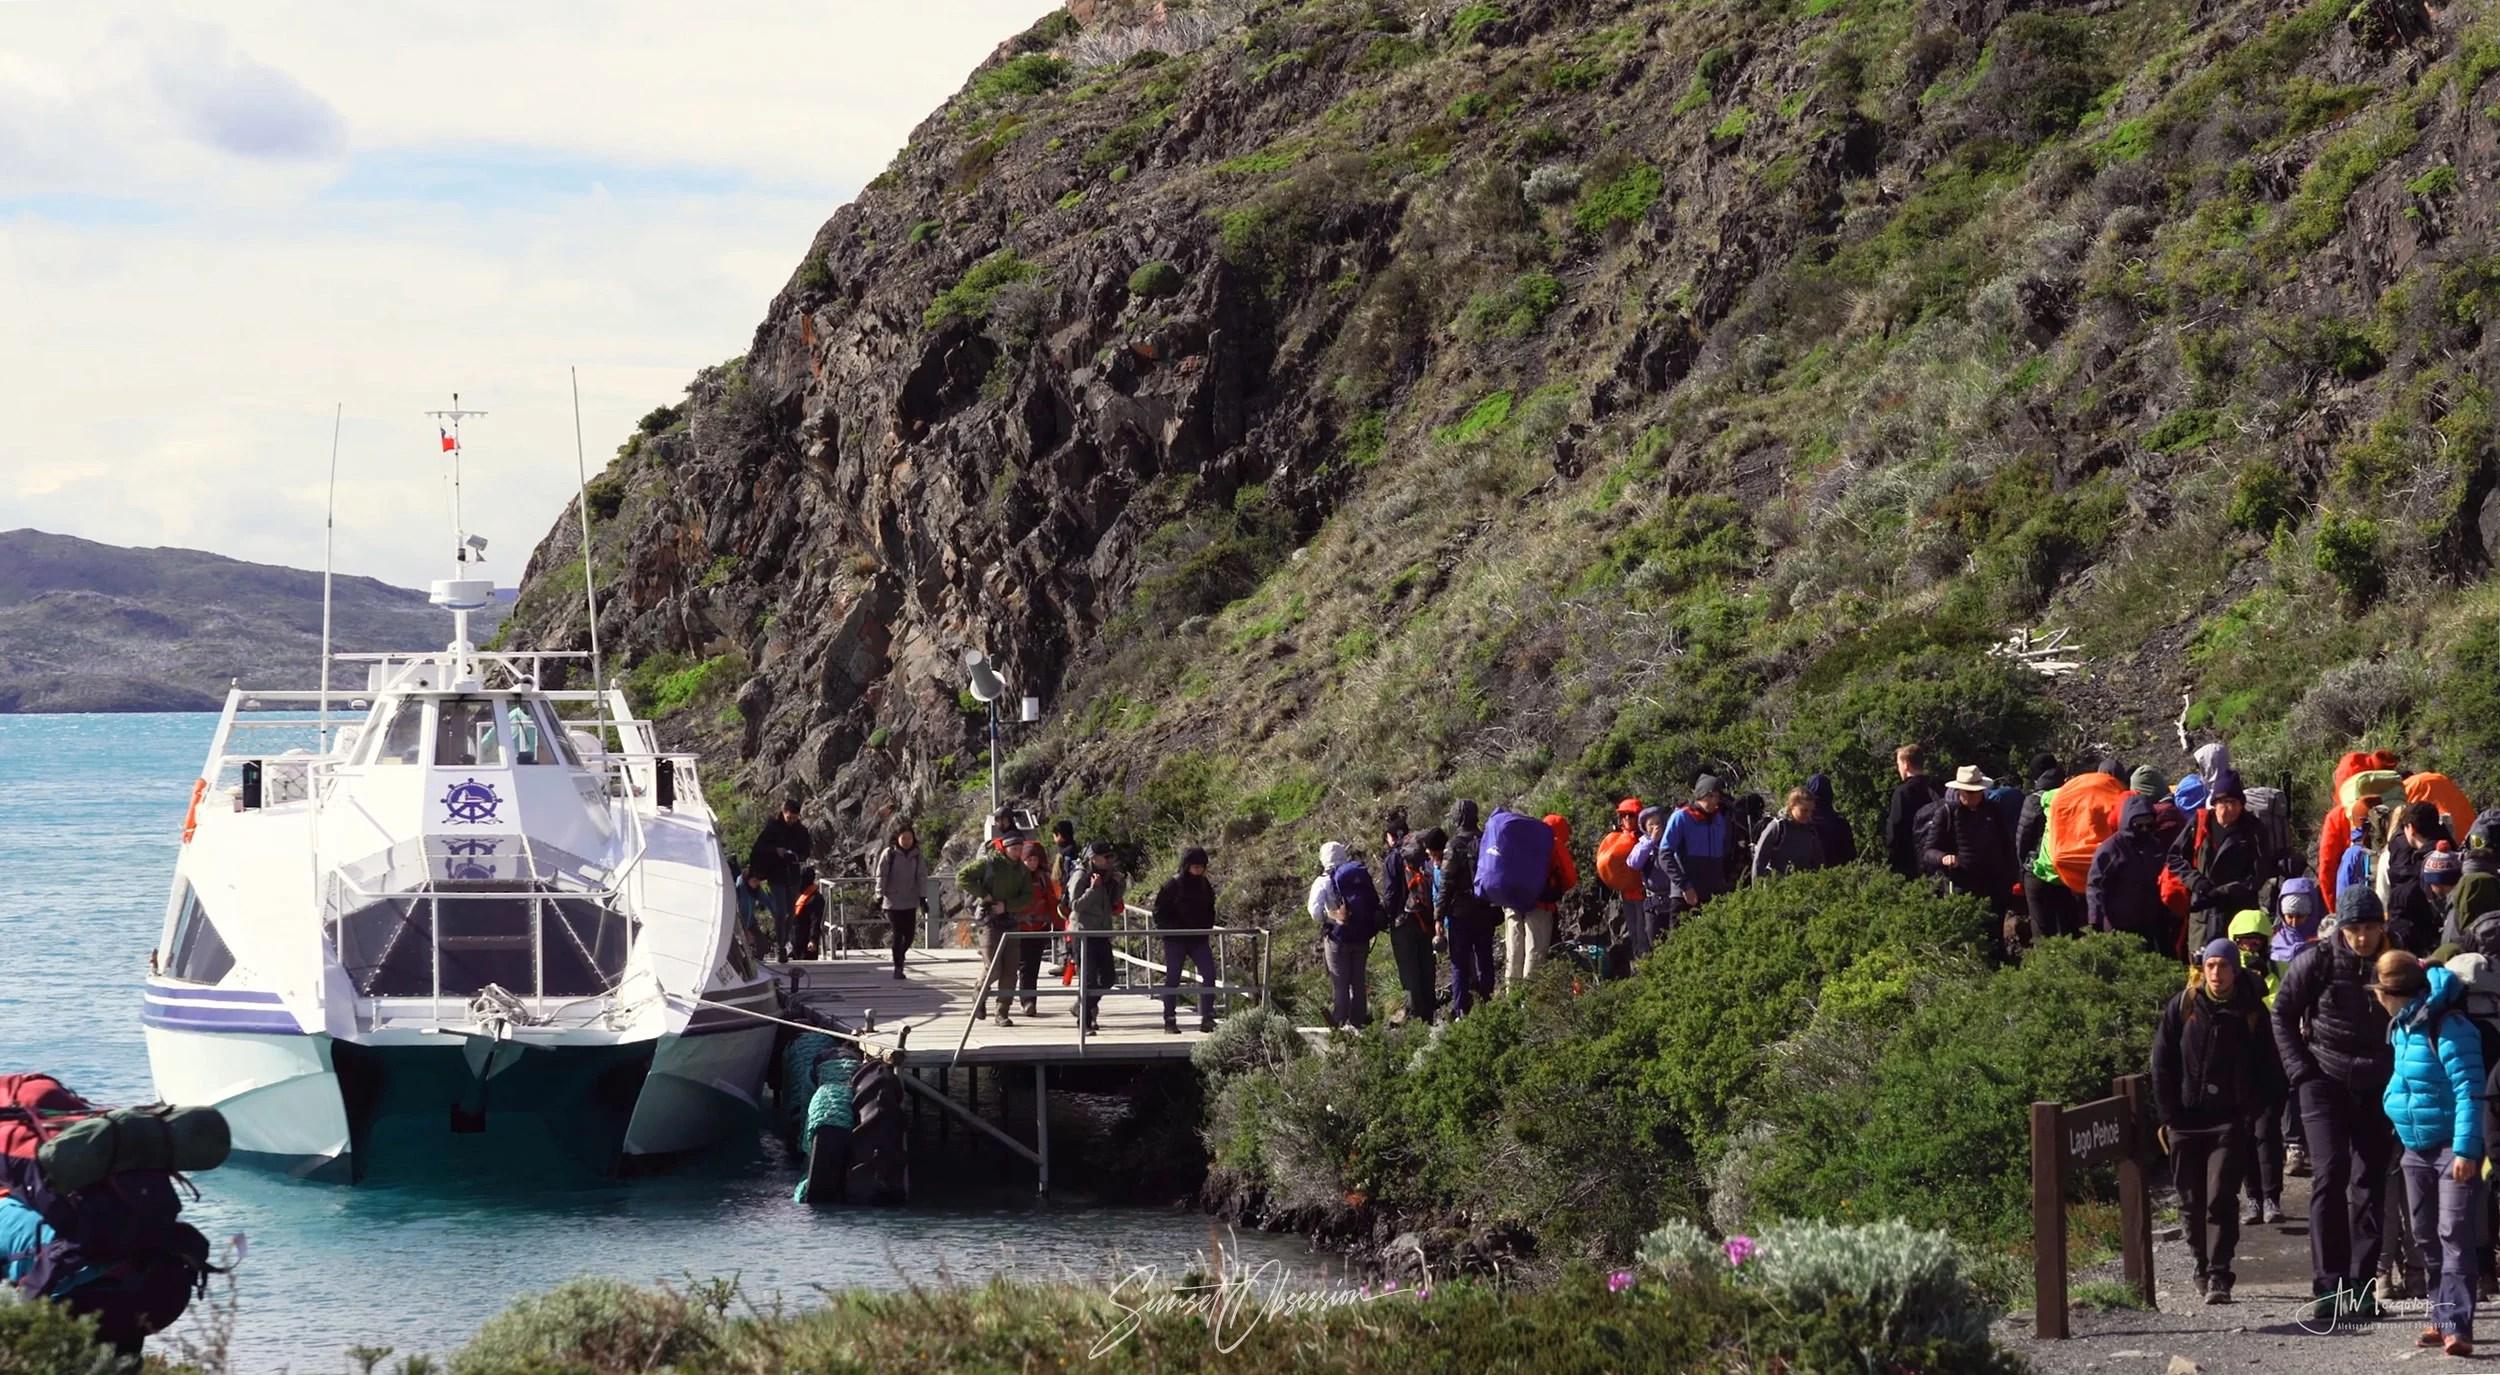 Катамаран Пудето у пристани в Пайне Гранде, Торрес-дель-Пайне